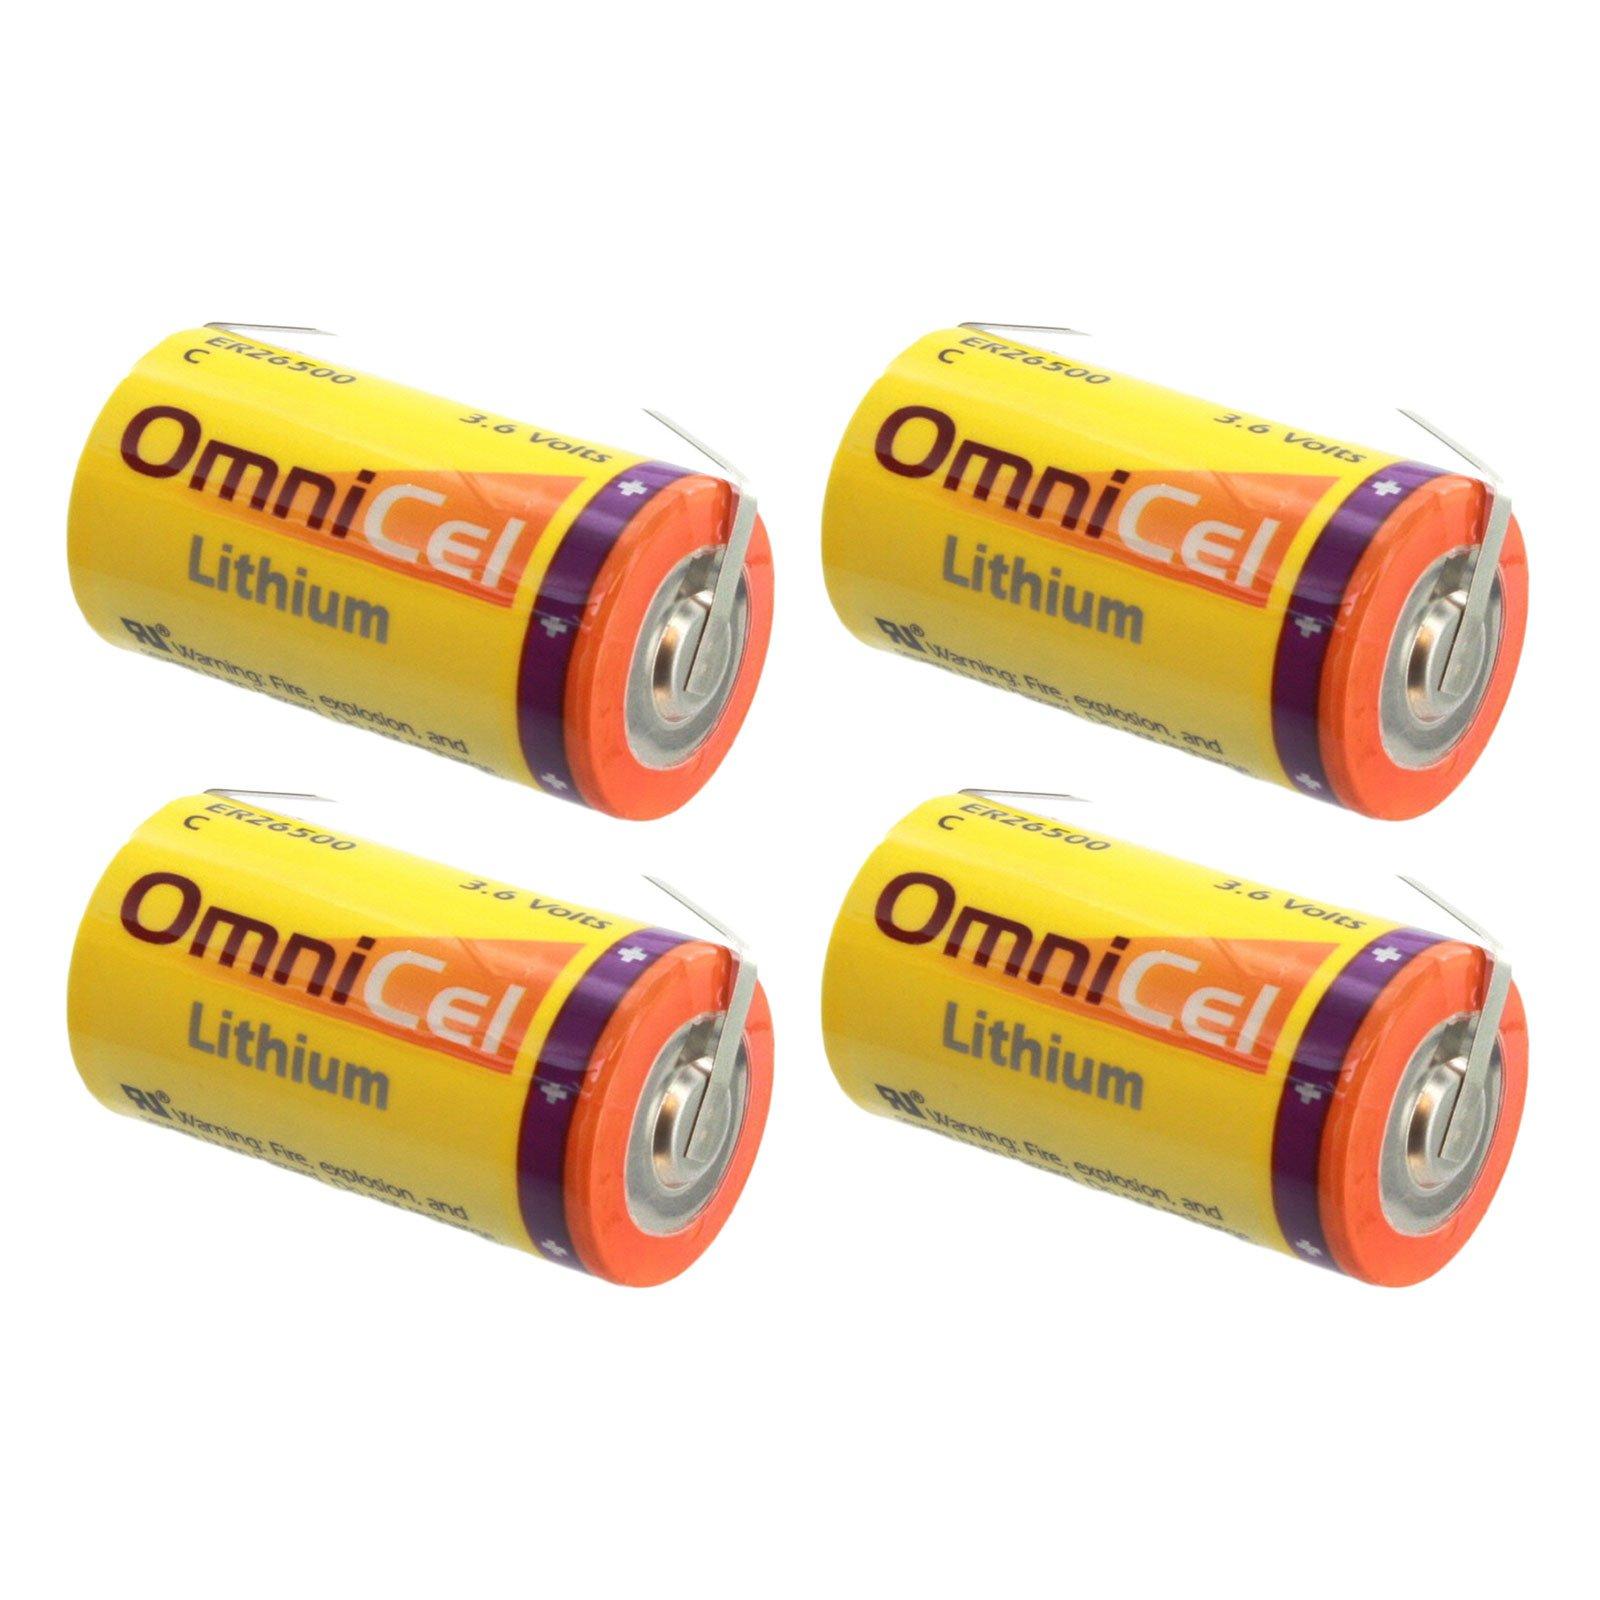 4x OmniCel ER26500 3.6V 8.5Ah Sz C Lithium Battery Tabs Sensors Detectors